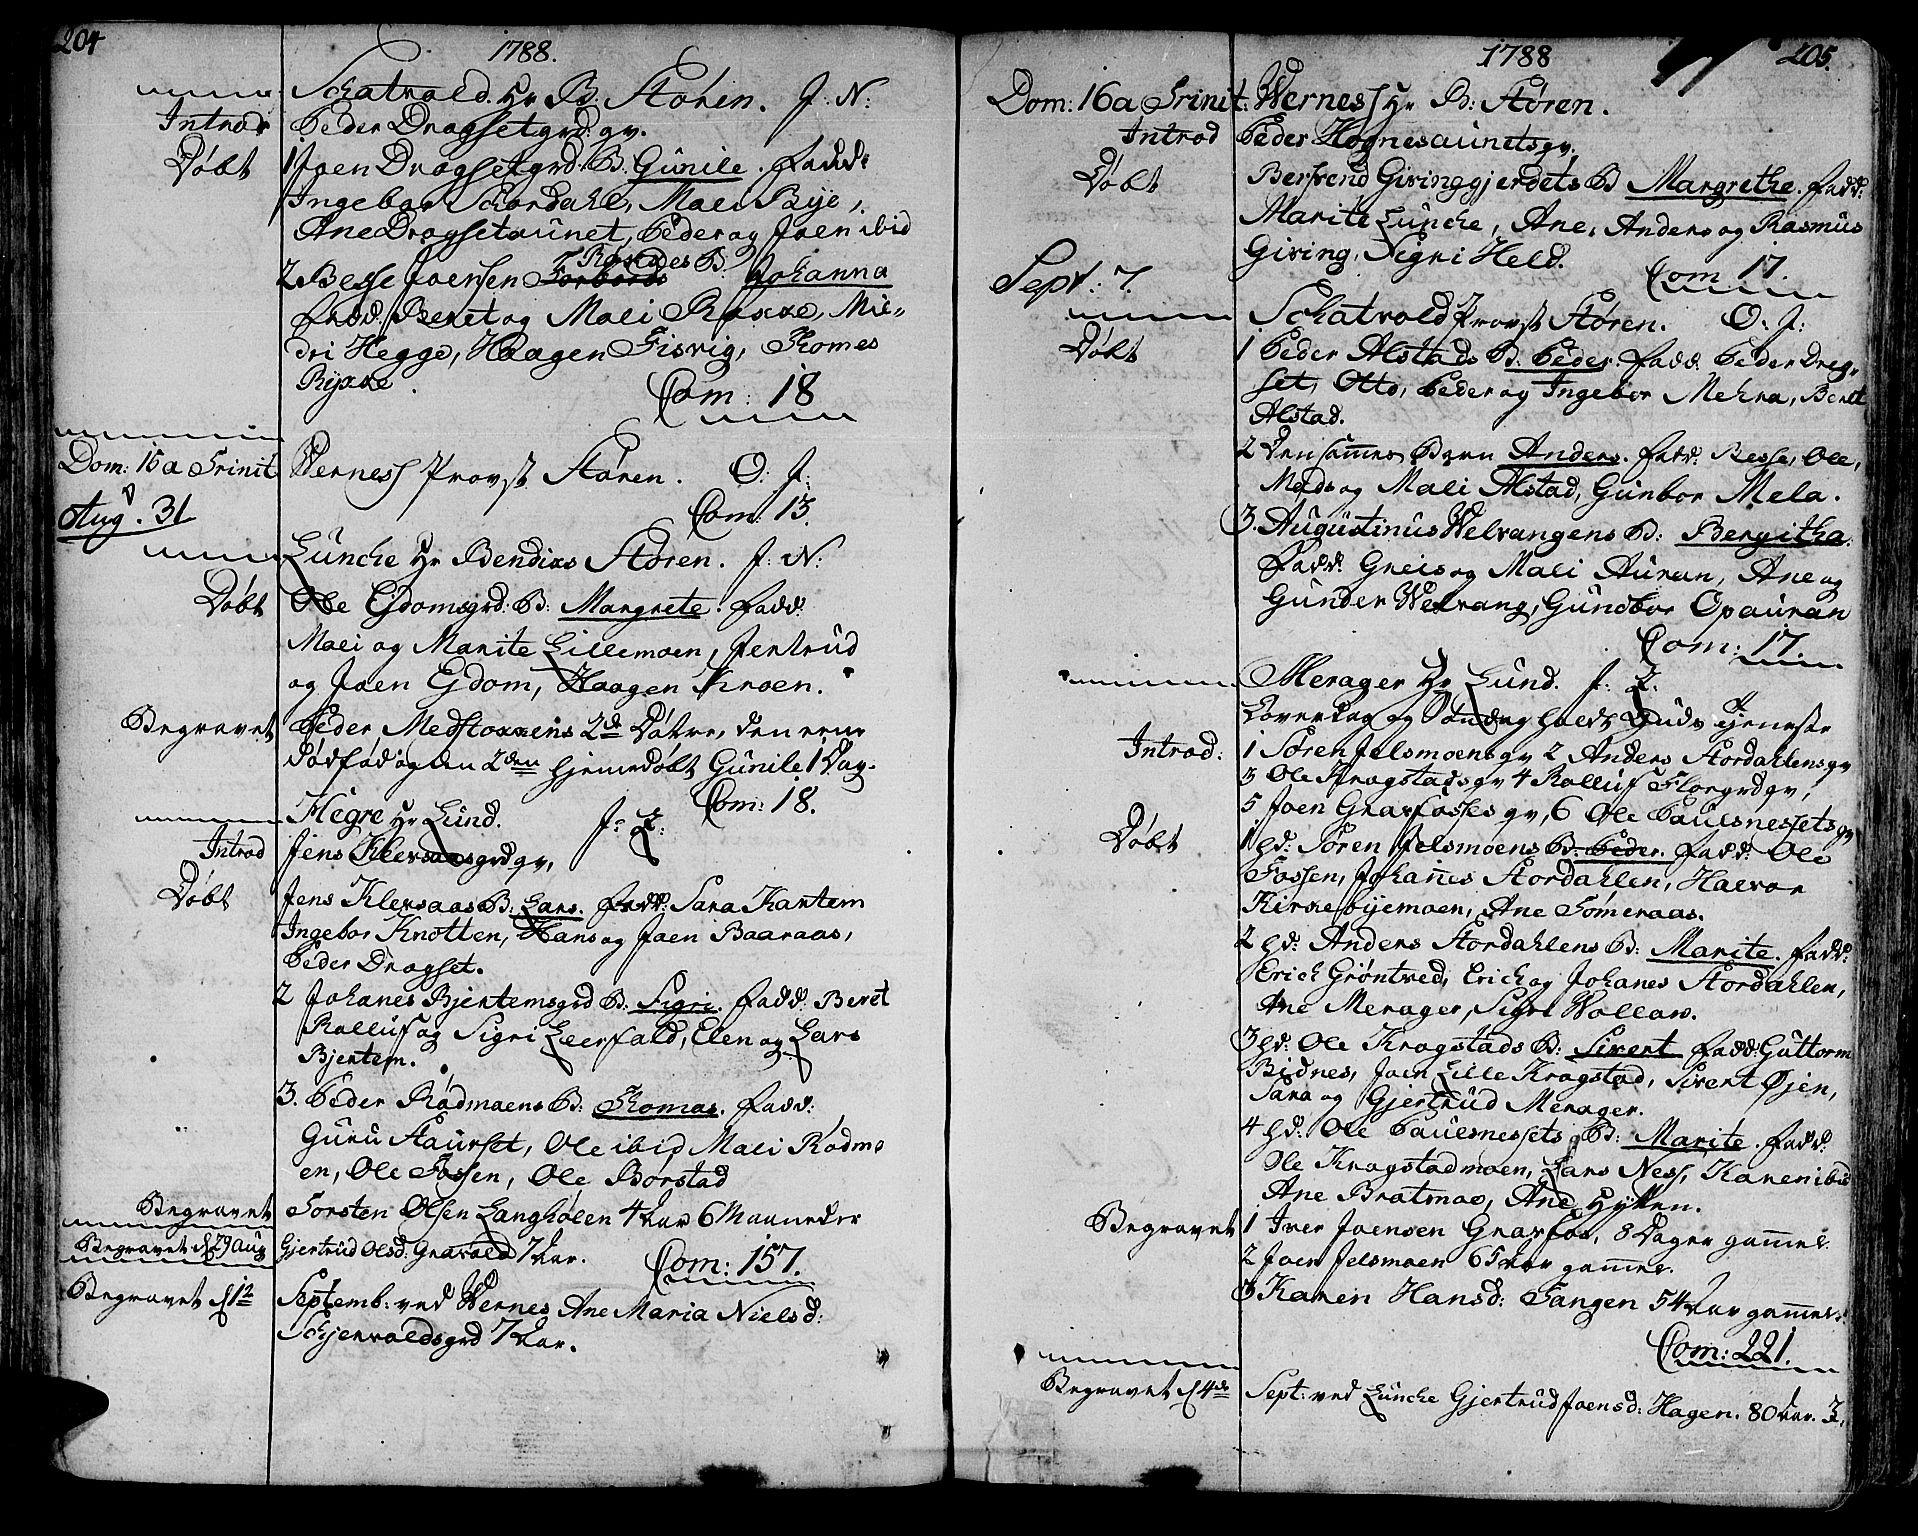 SAT, Ministerialprotokoller, klokkerbøker og fødselsregistre - Nord-Trøndelag, 709/L0059: Ministerialbok nr. 709A06, 1781-1797, s. 204-205